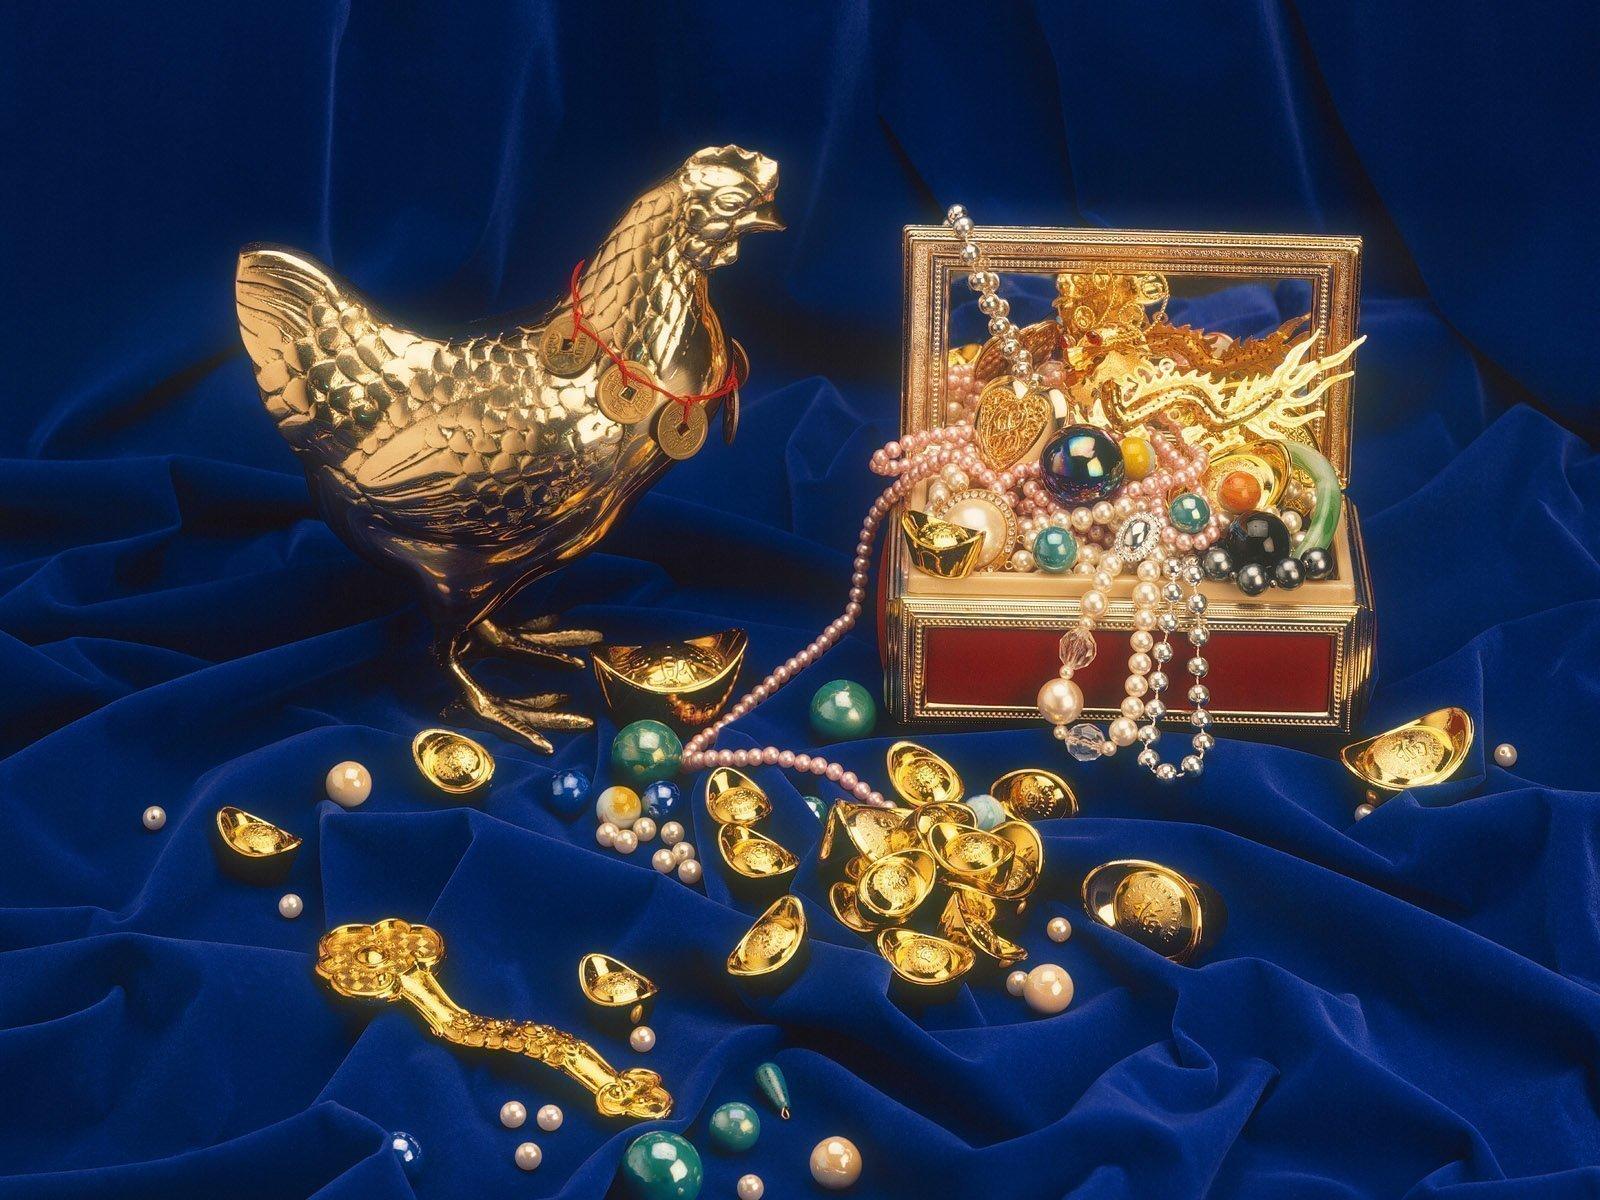 Амулеты и талисманы для привлечения денег, богатства и удачи своими руками. Как сделать самому амулет и талисман для привлечения денег в кошелек, имперский амулет?